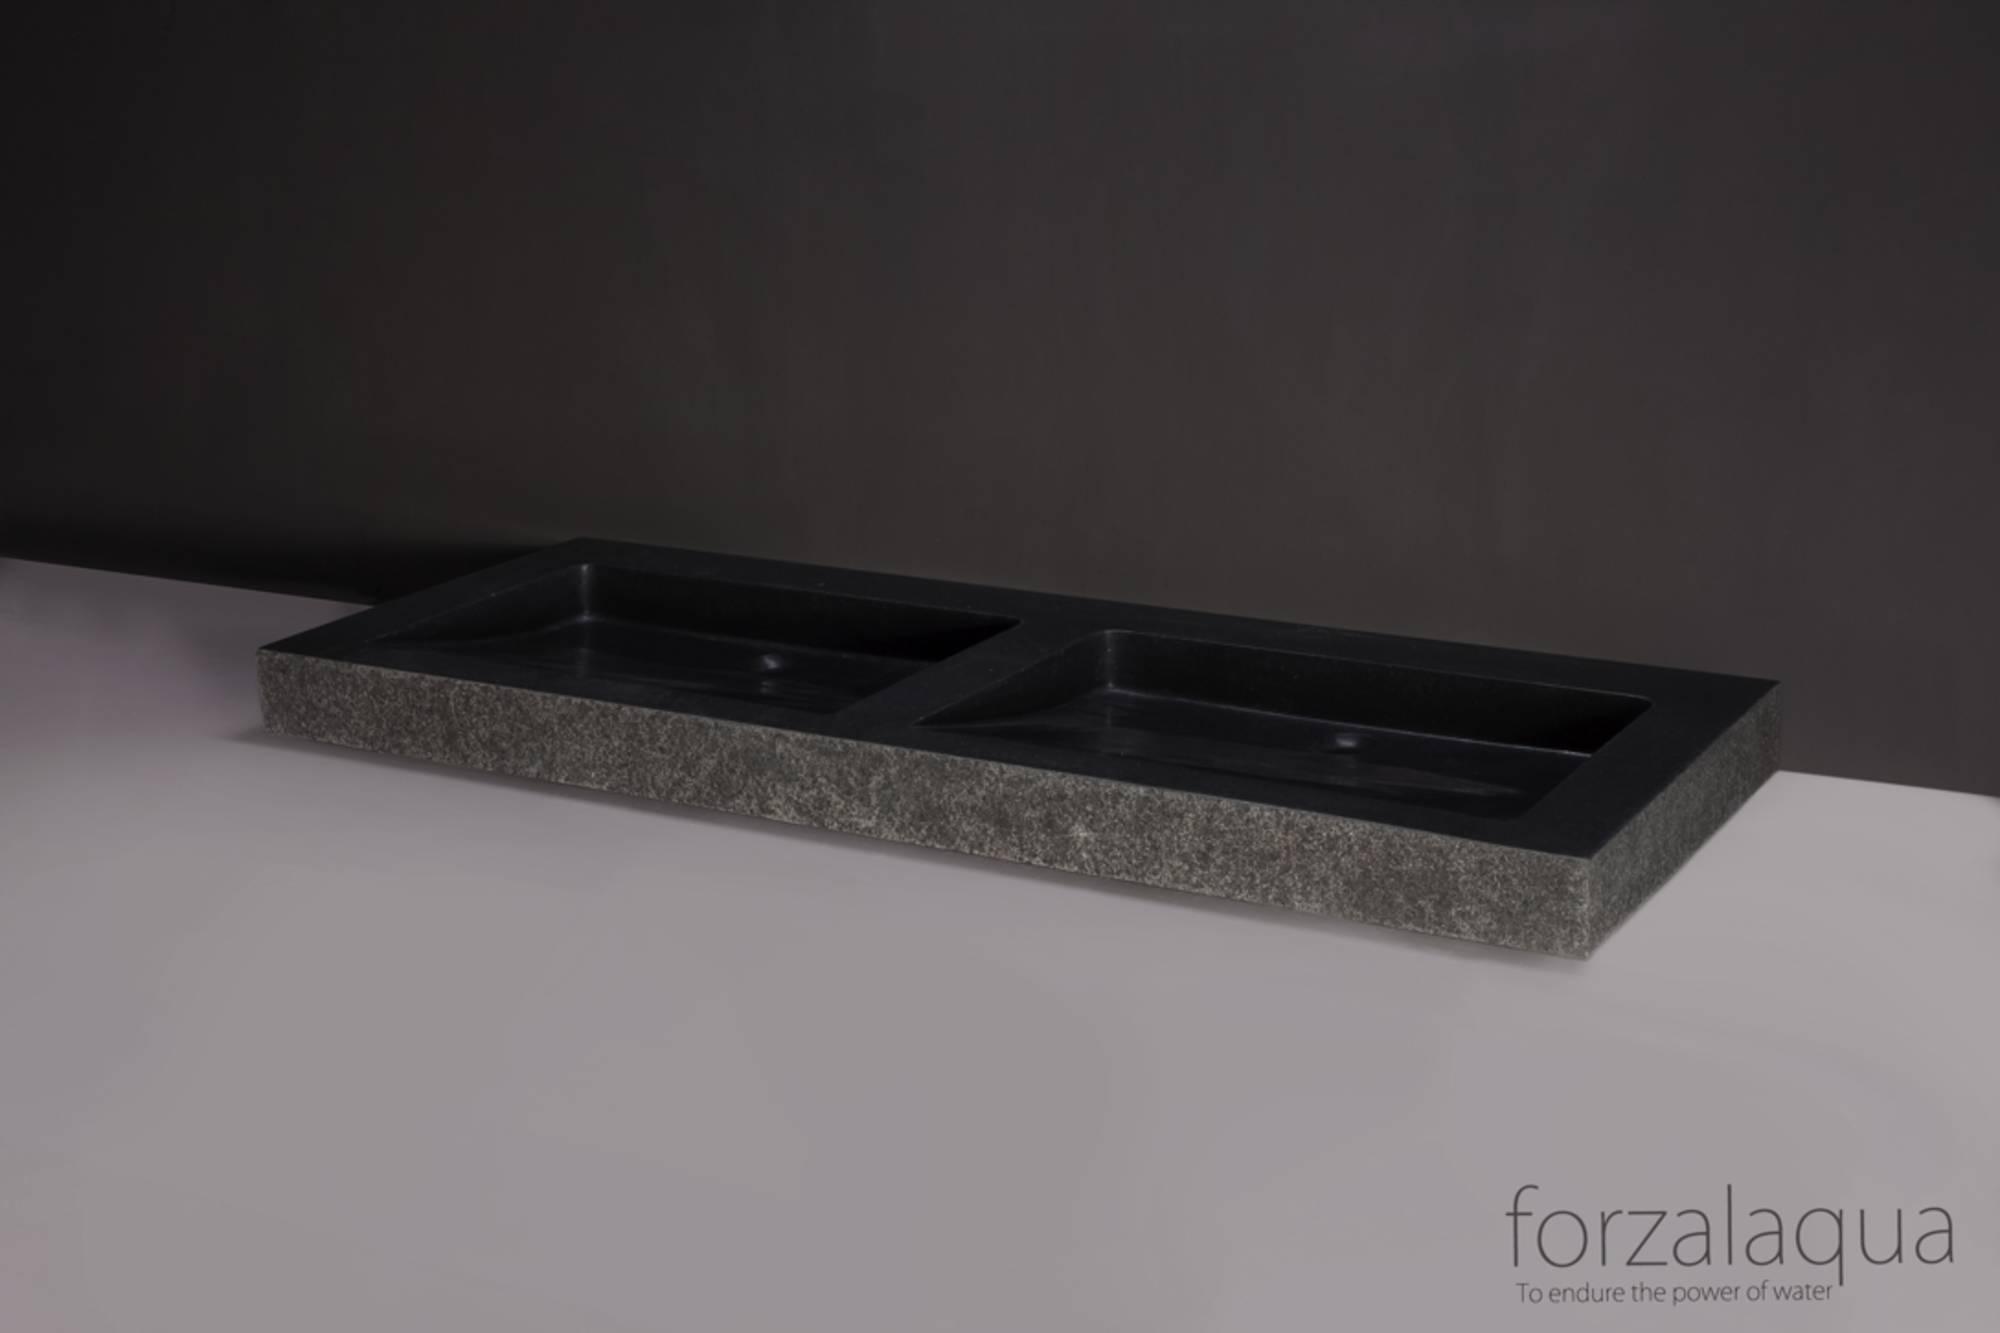 Forzalaqua Palermo Wastafel Dubbel 140,5x51,5x9 cm zonder kraangat Graniet Gezoet Gebrand